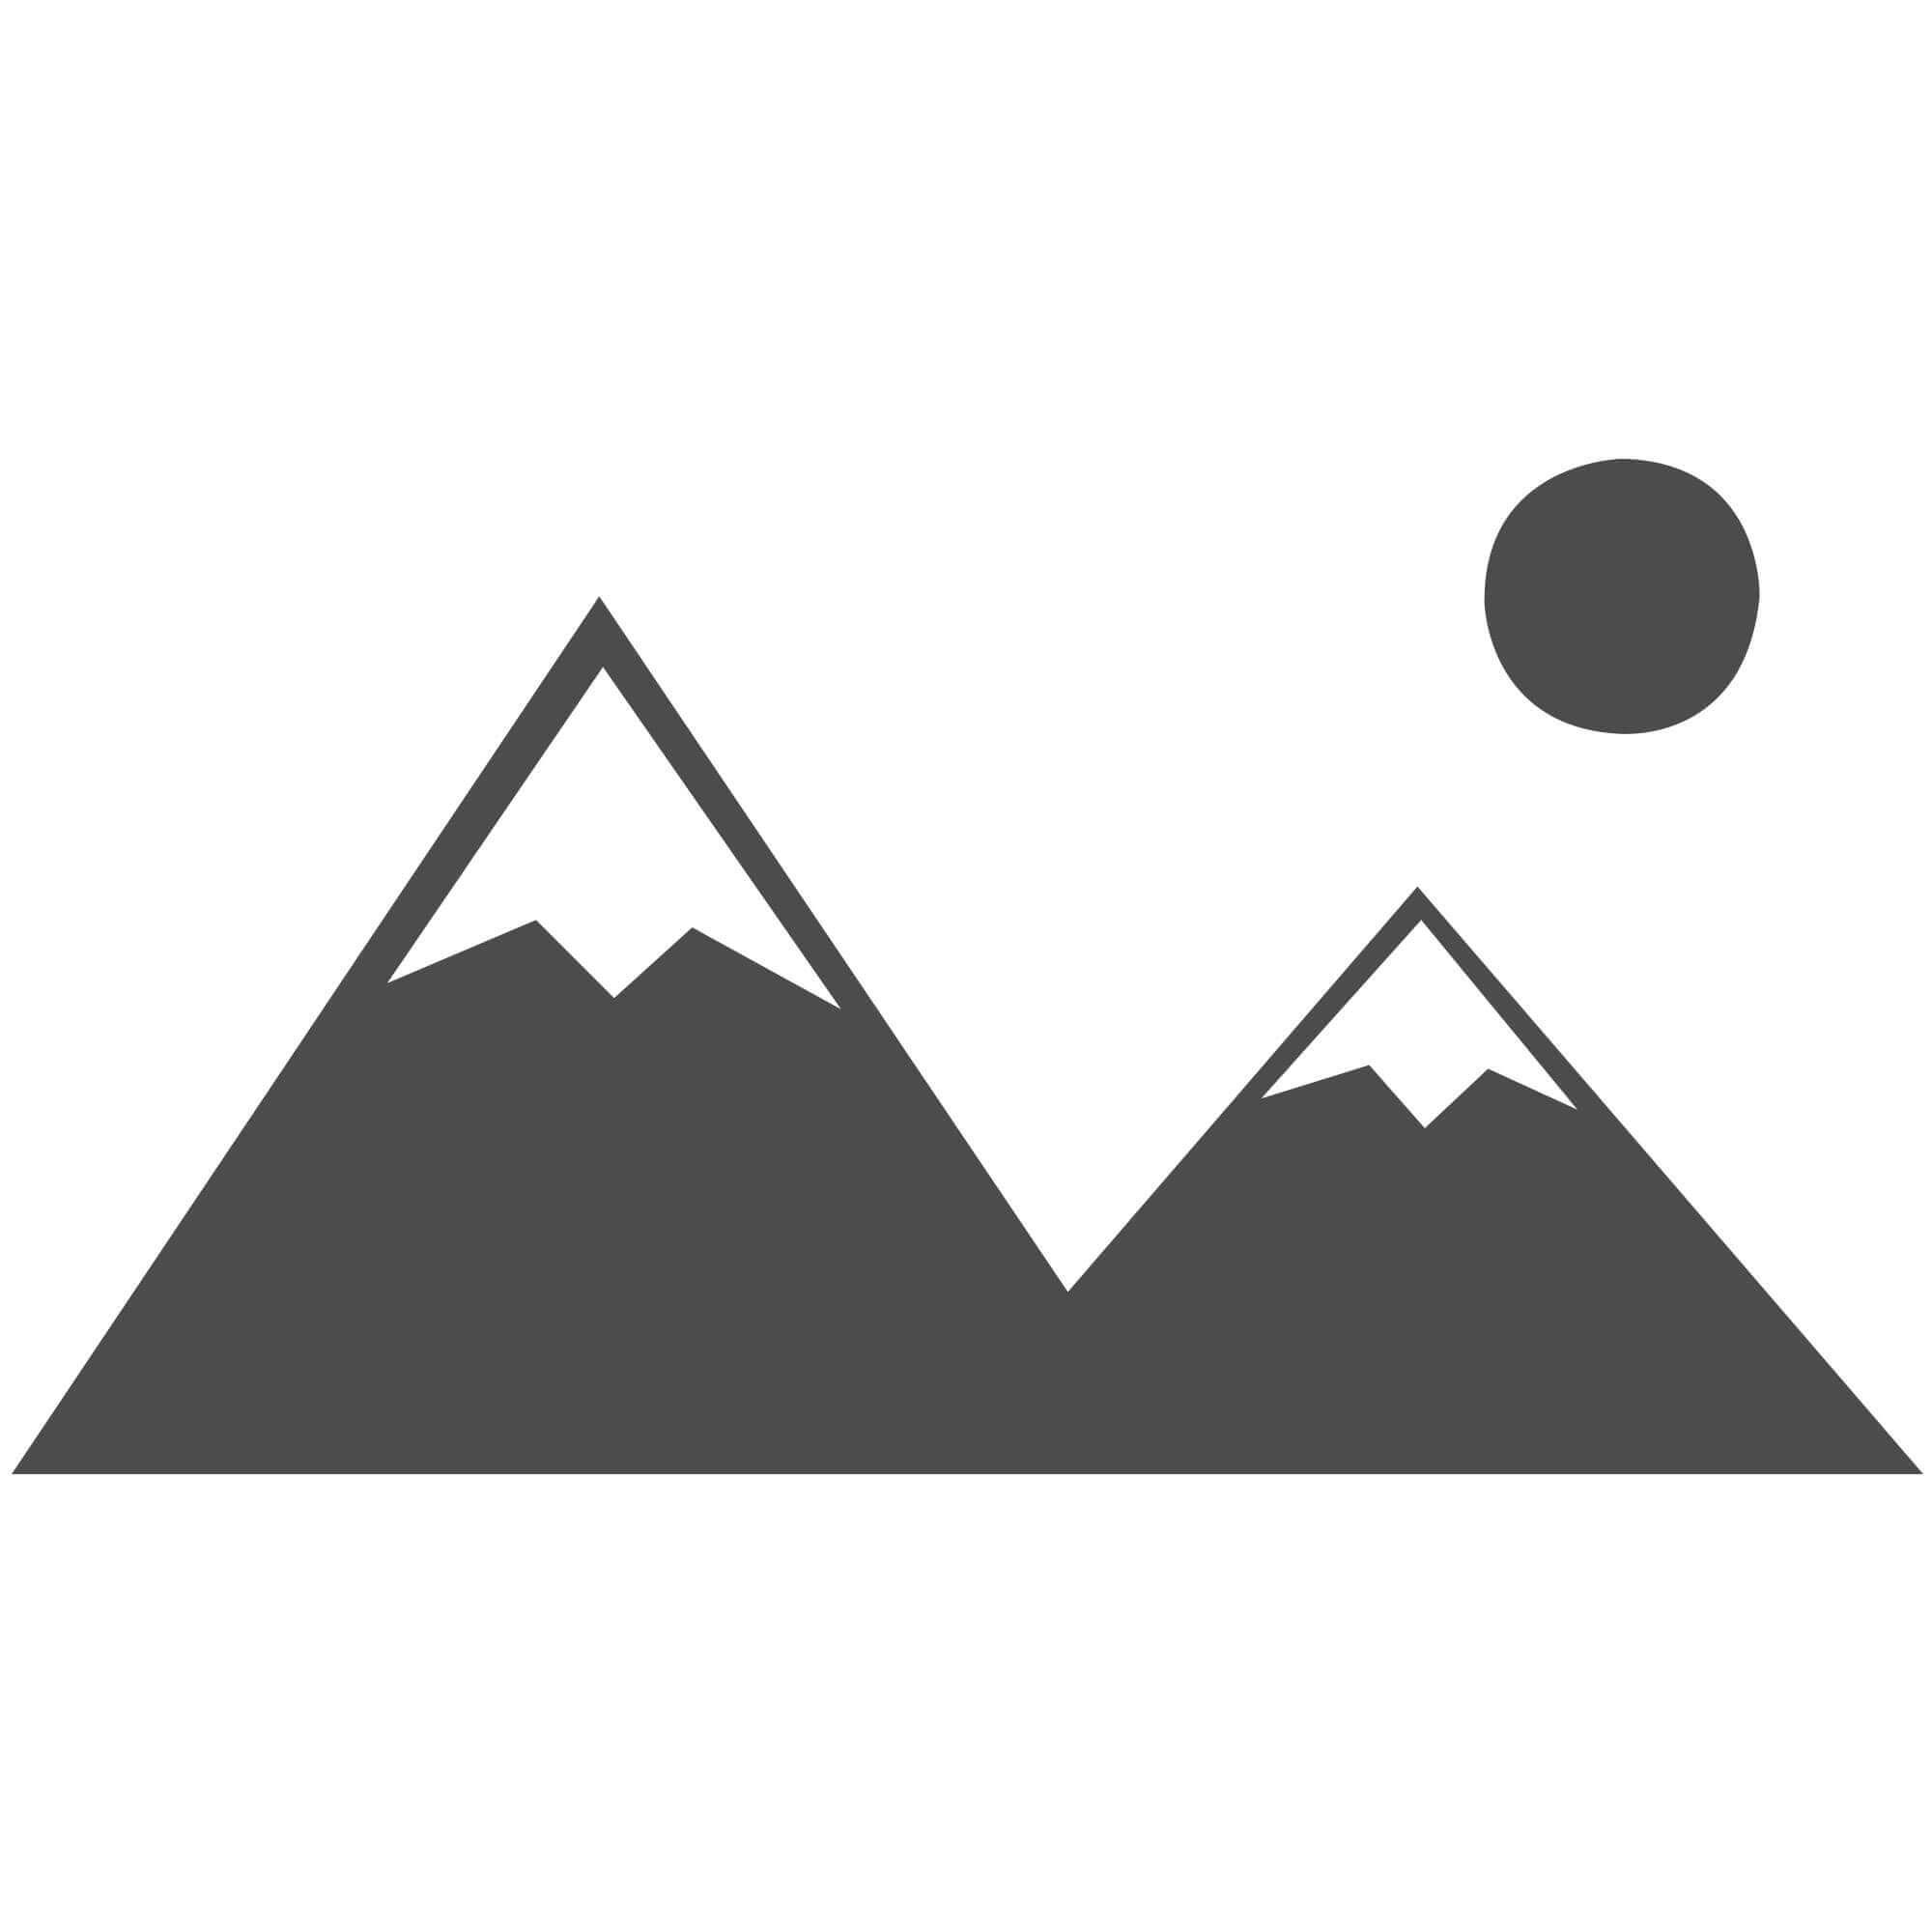 """Dazzle Shaggy Rug - Blush Pink - Size 60 x 110 cm (2' x 3'7"""")"""